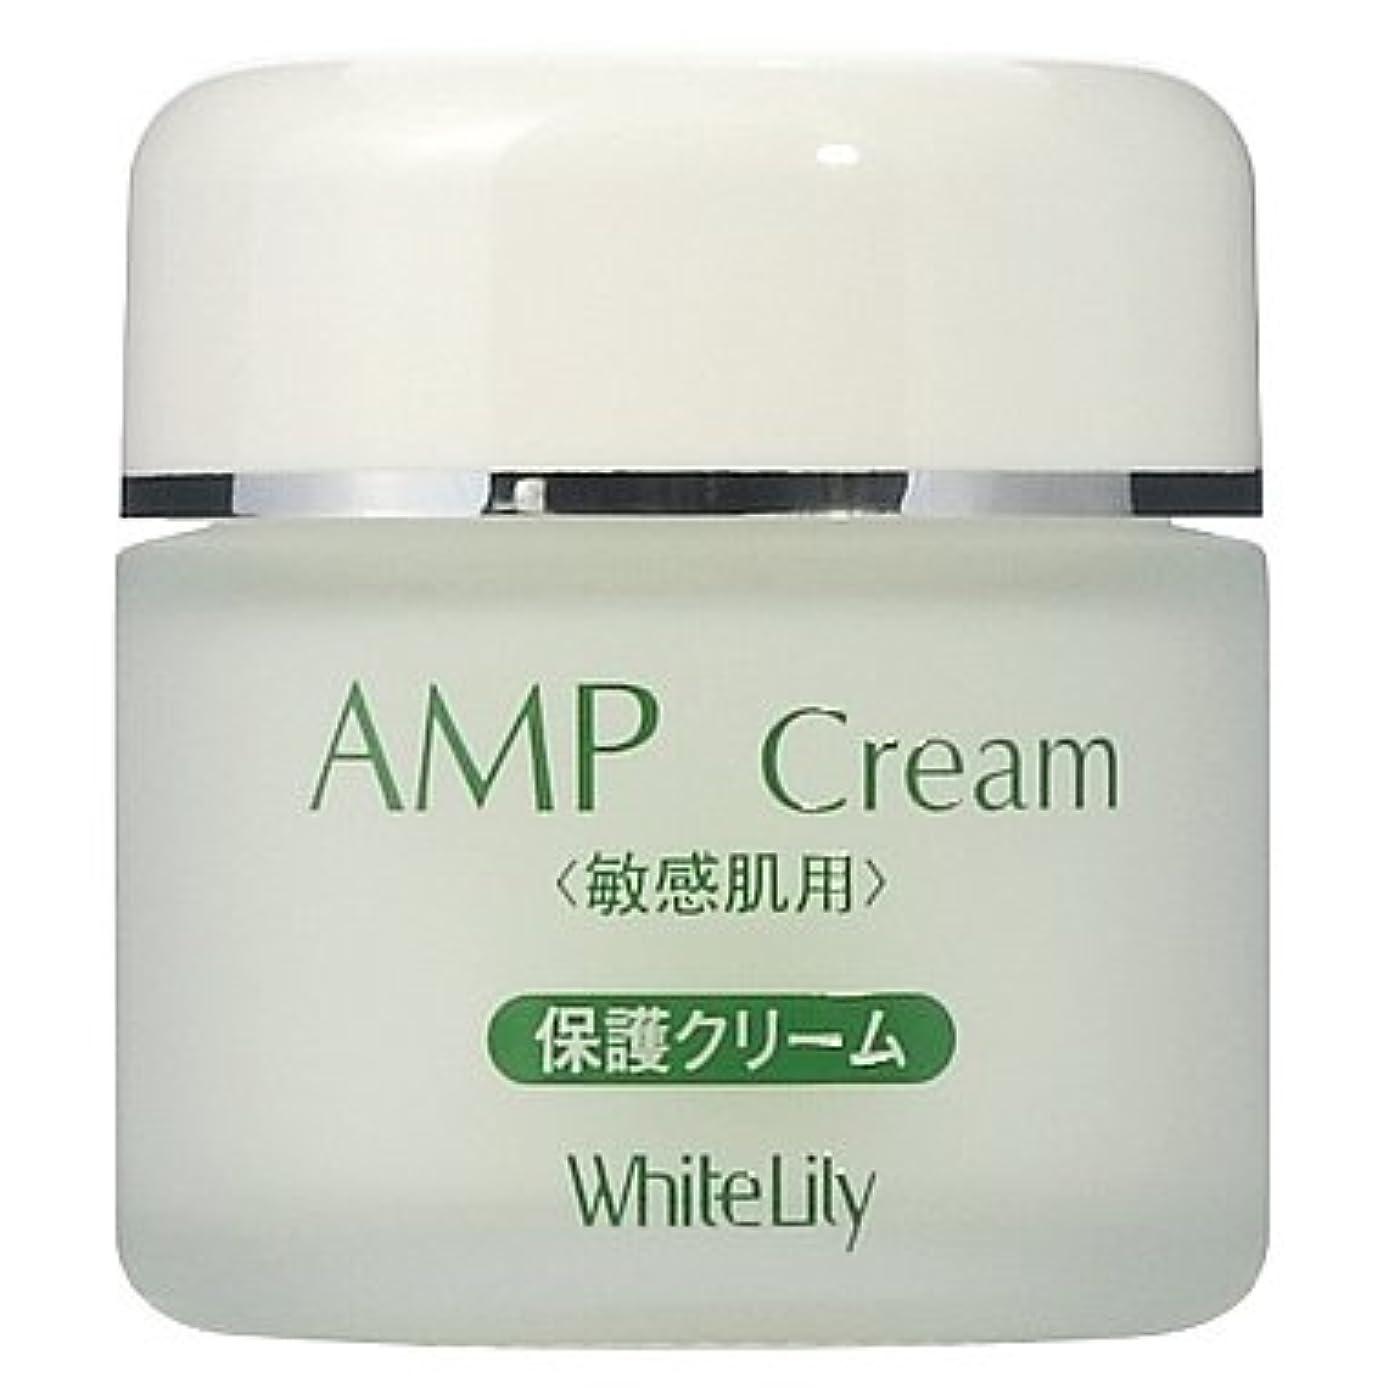 シットコム女の子編集するホワイトリリー AMPクリーム 40g クリーム